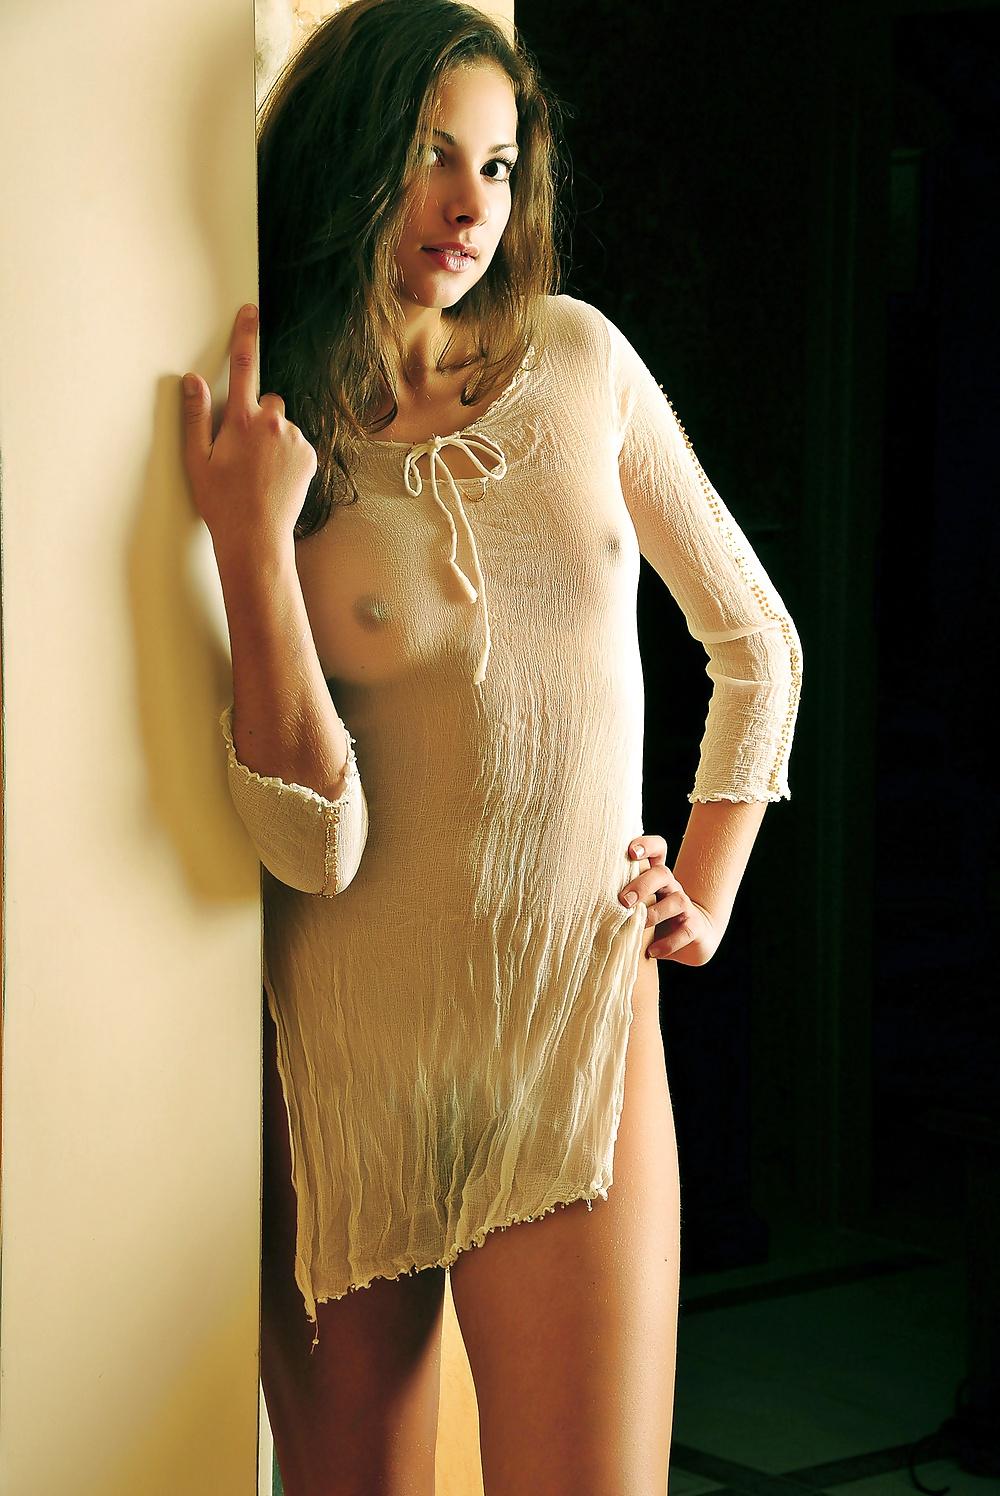 порно девушки в прозрачных одеждах уснул мечтах